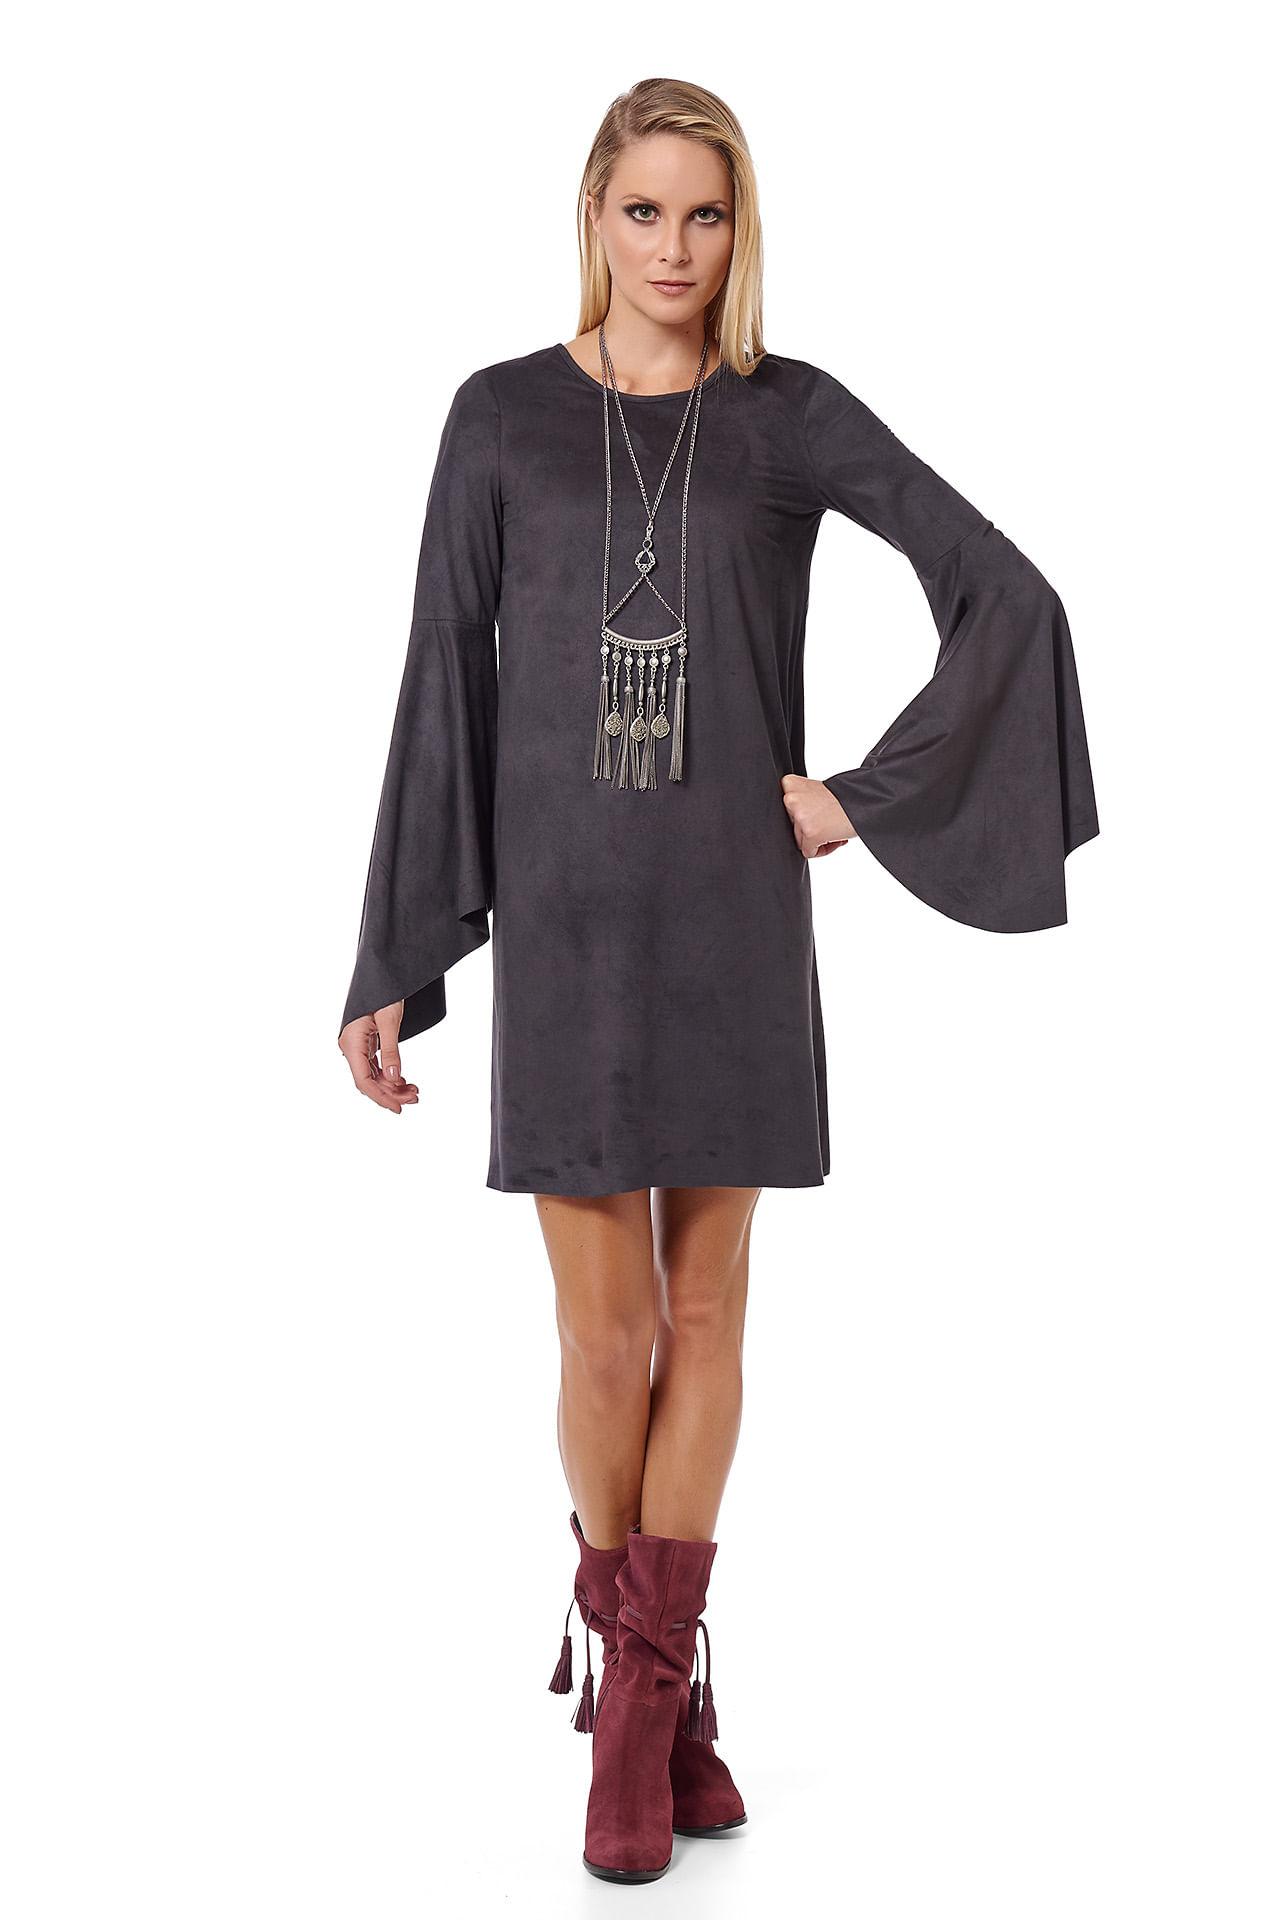 TÚNICA DRESS MALHA SUEDE - 44